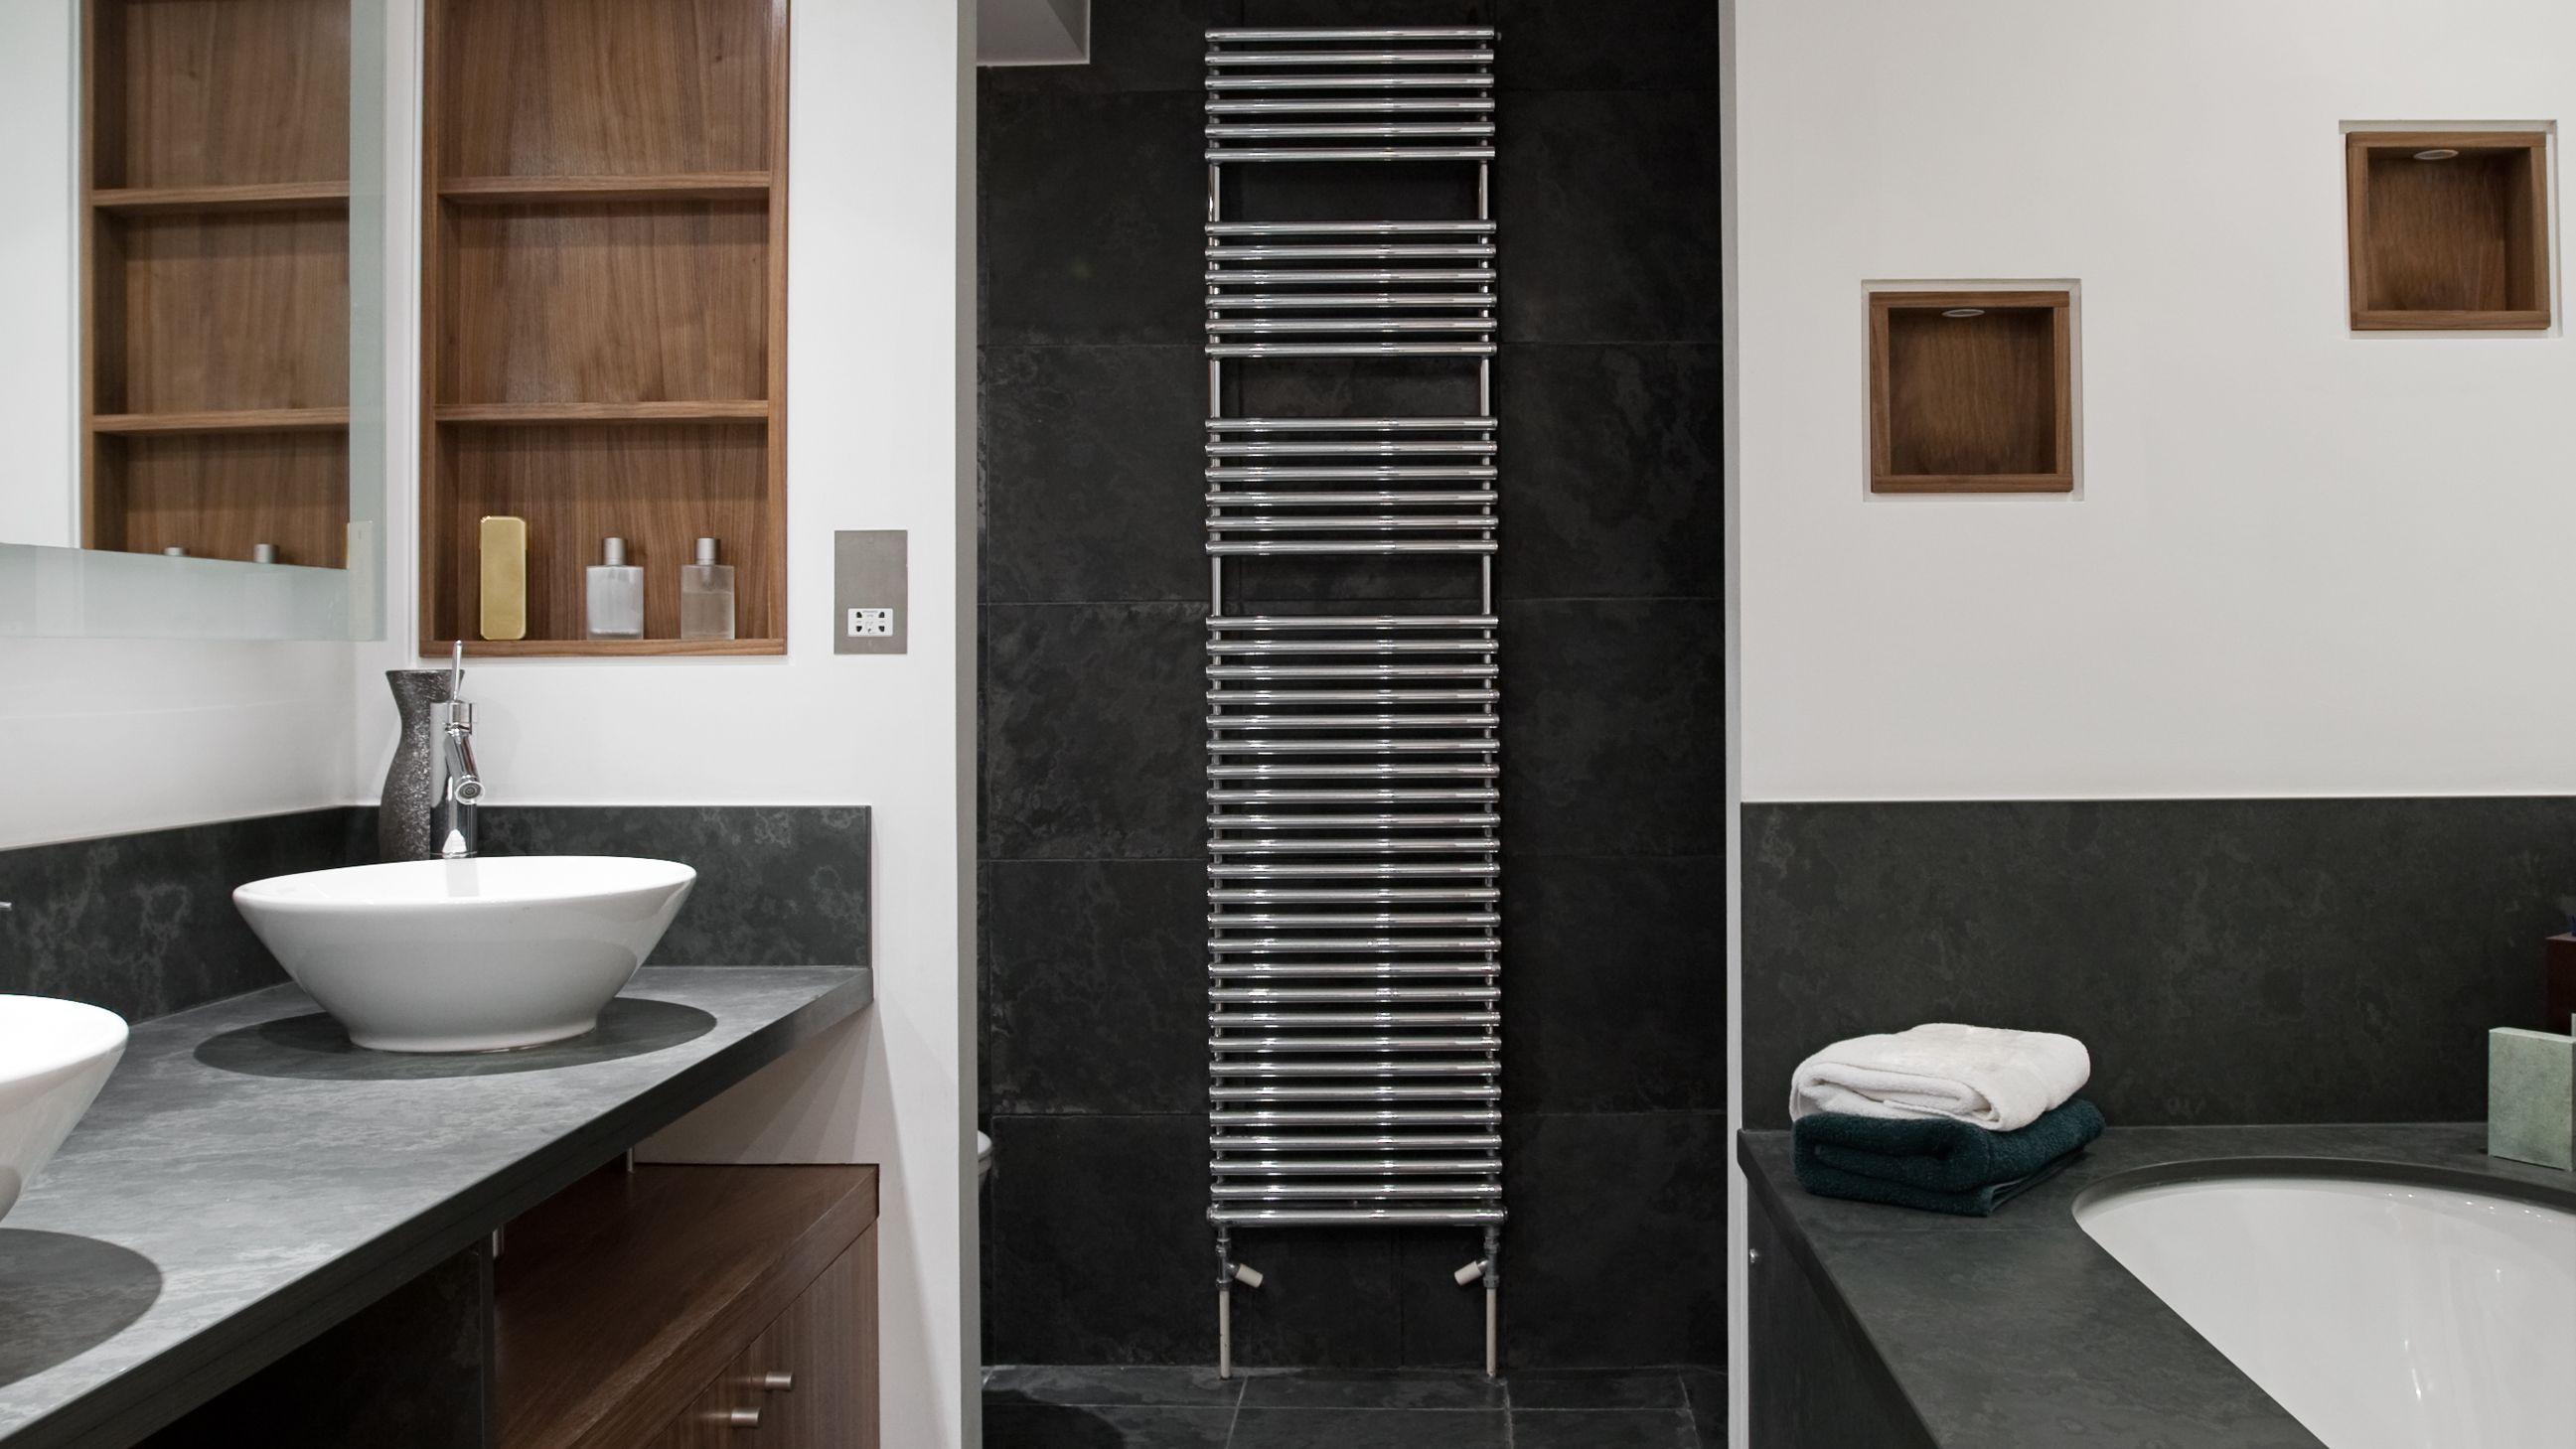 Cómo elegir la calefacción del cuarto de baño